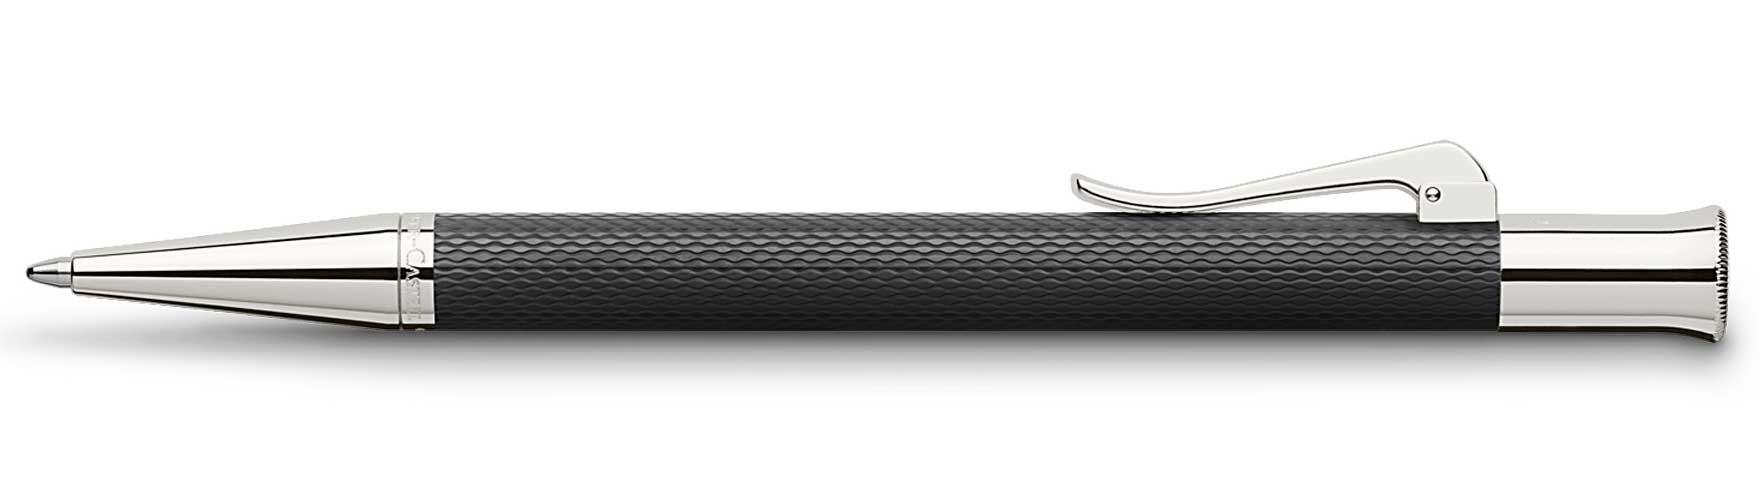 Шариковая ручка Graf von Faber-Castell Guilloche Black